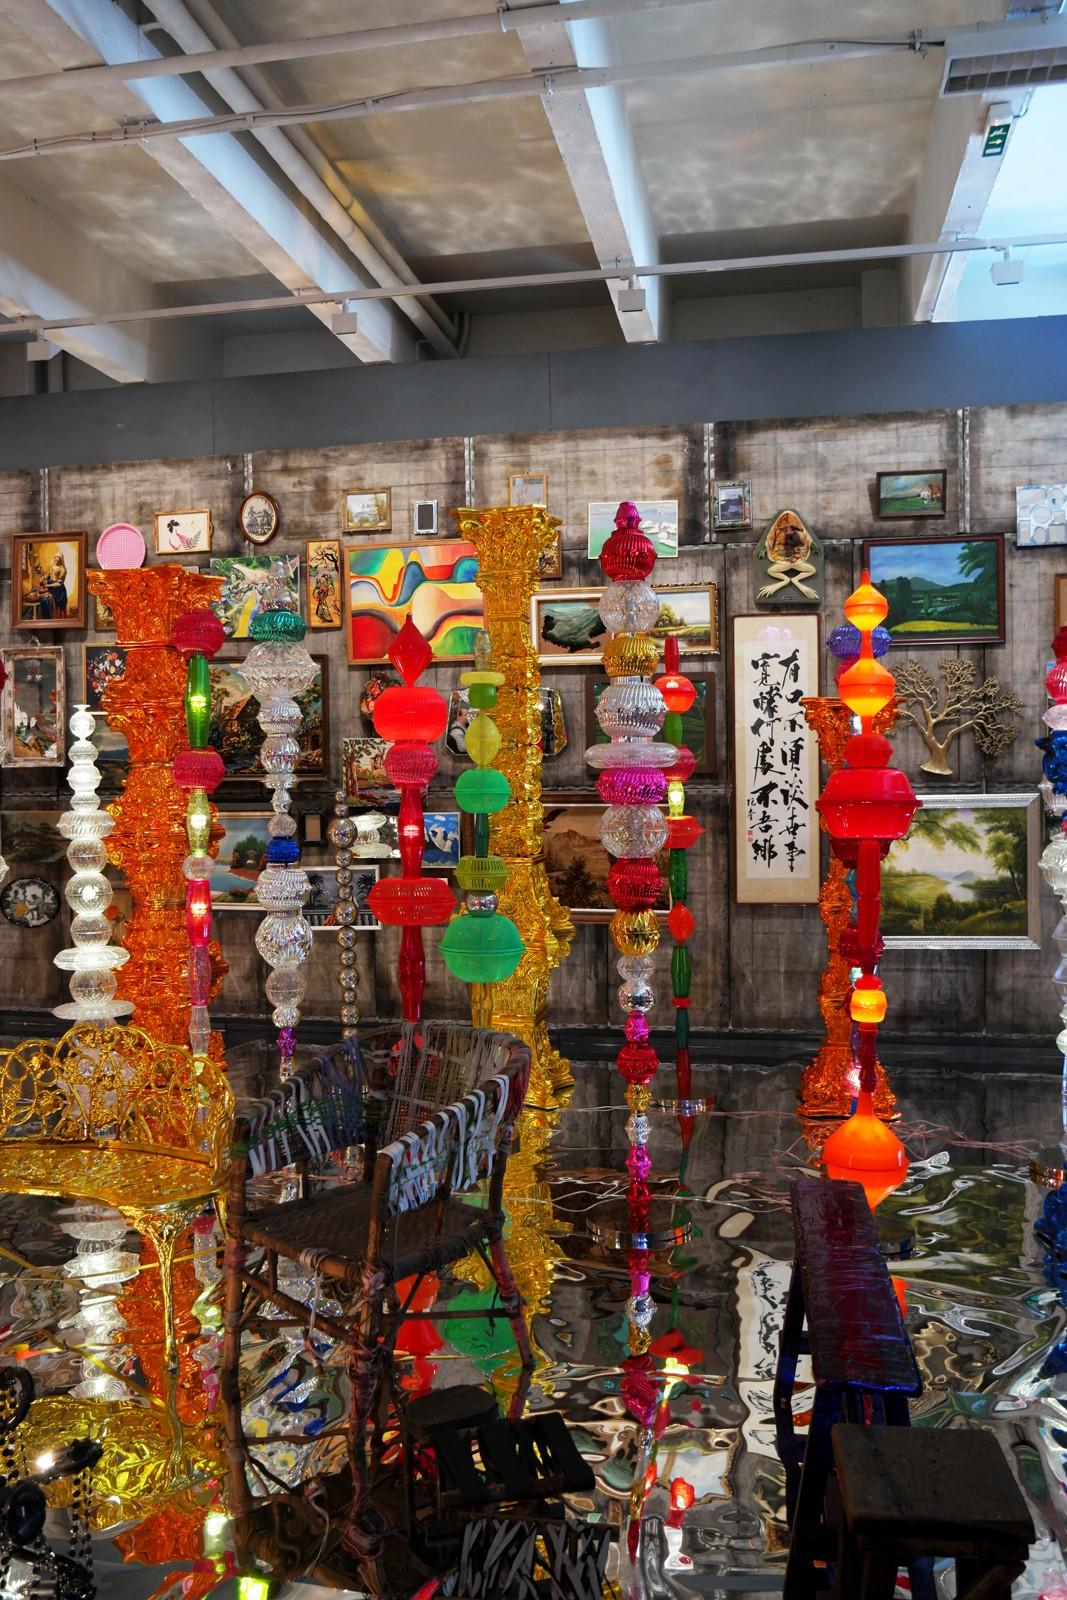 Réplique atelier maison artiste coréen Choi Jeong Hwa portrait pop art korean artist exposition Séoul vite vite au Tripostal Lille 3000 Renaissance année France Corée 2015-2016 exhibition